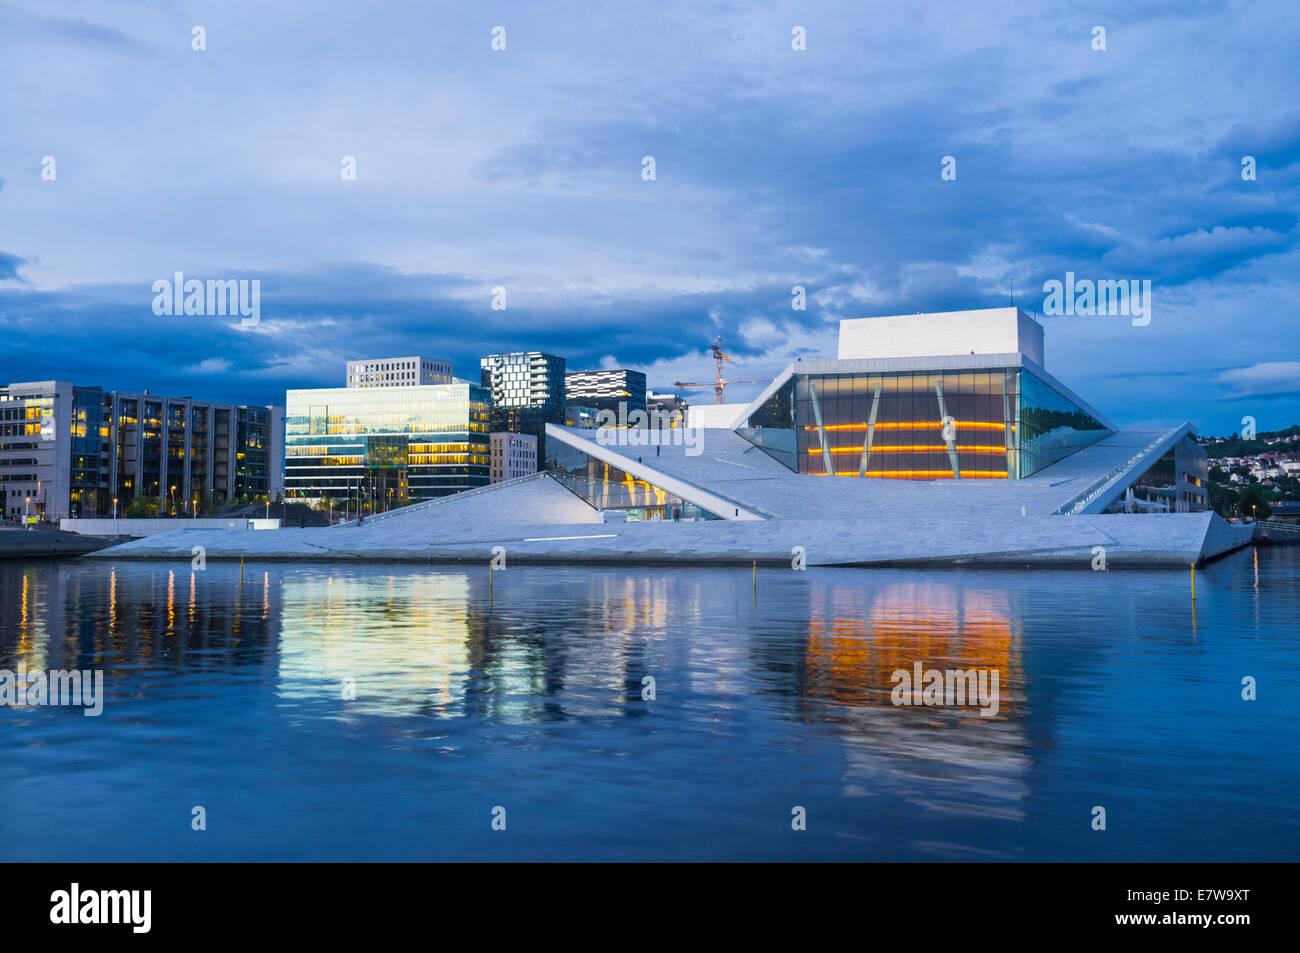 Oslo Opera Hall at dusk, Norway - Stock Image